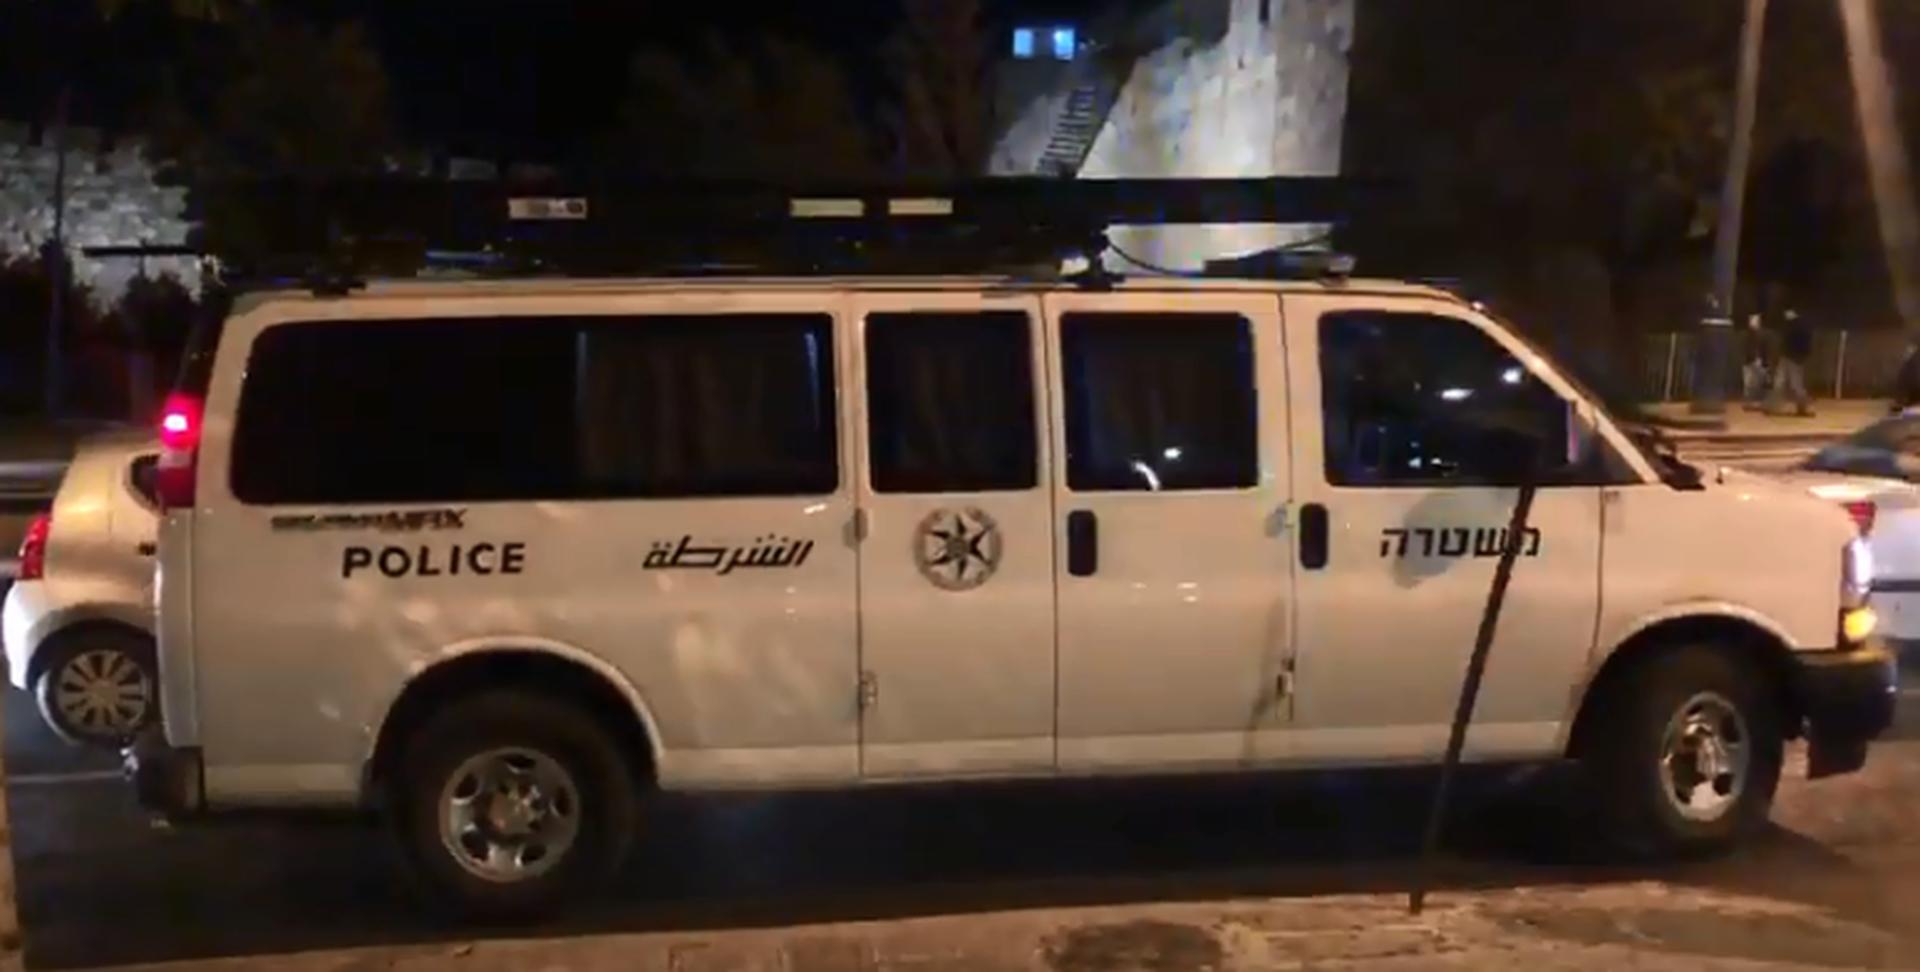 ניידת משטרה לילה. צילום: לירן תמרי